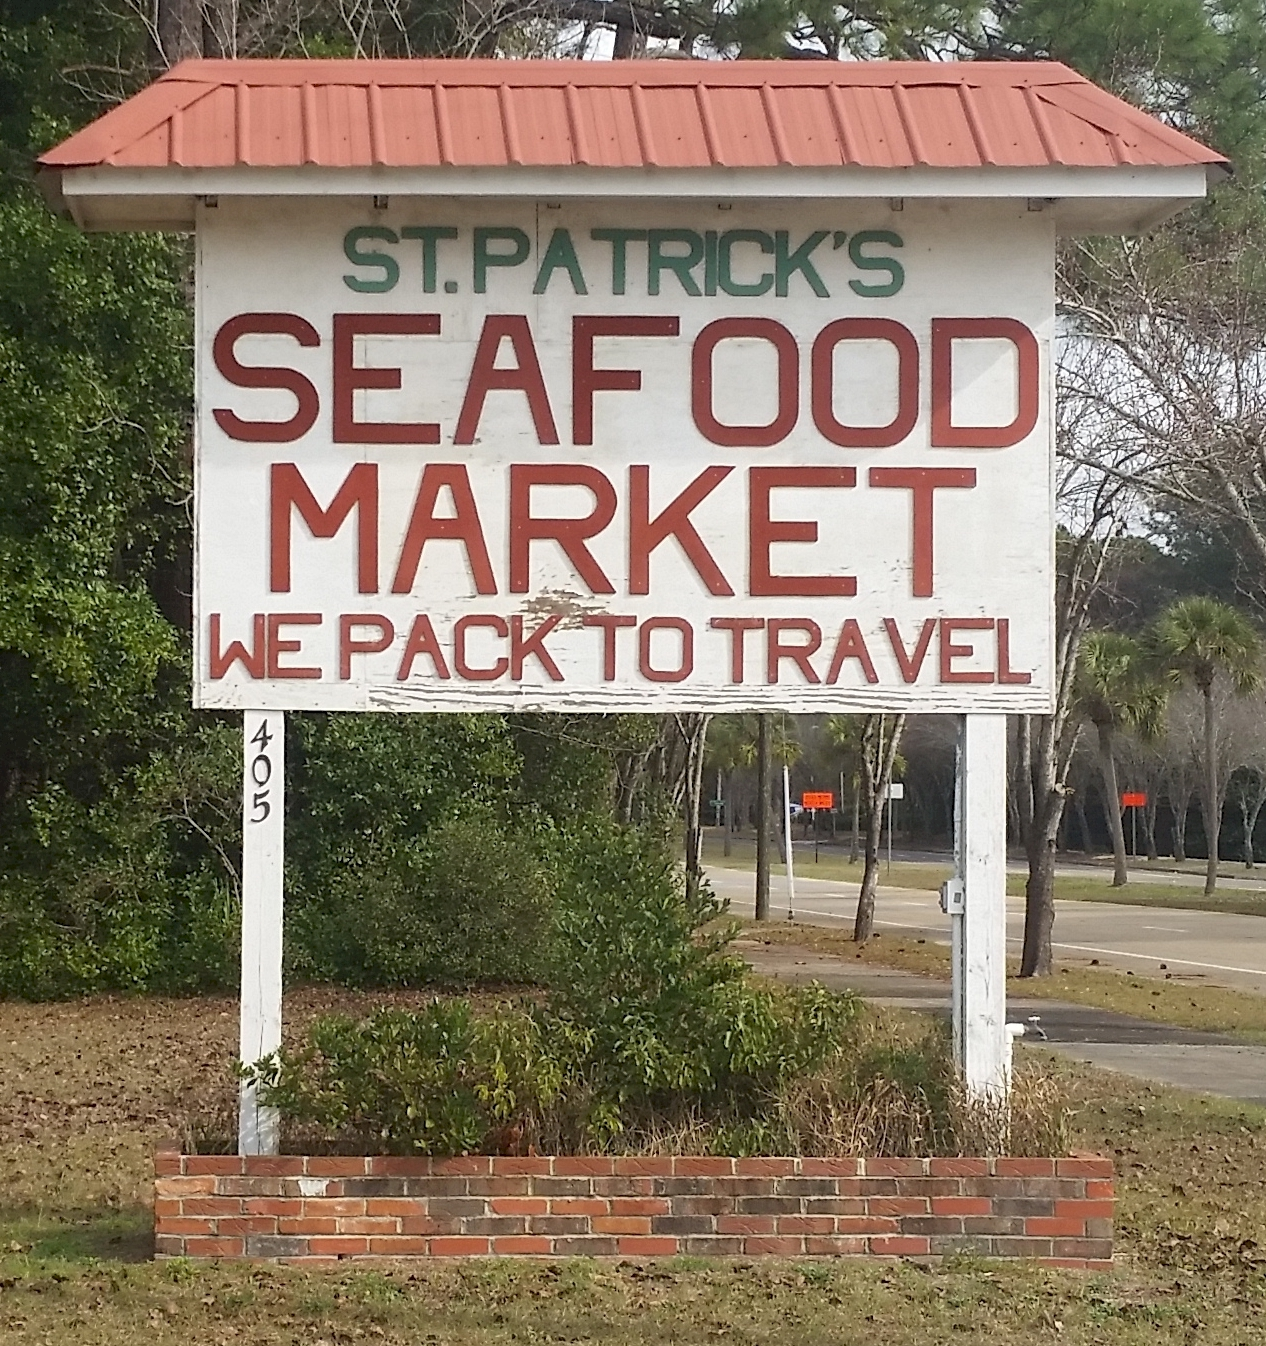 St Patrick's Seafood Market, Port Saint Joe FL